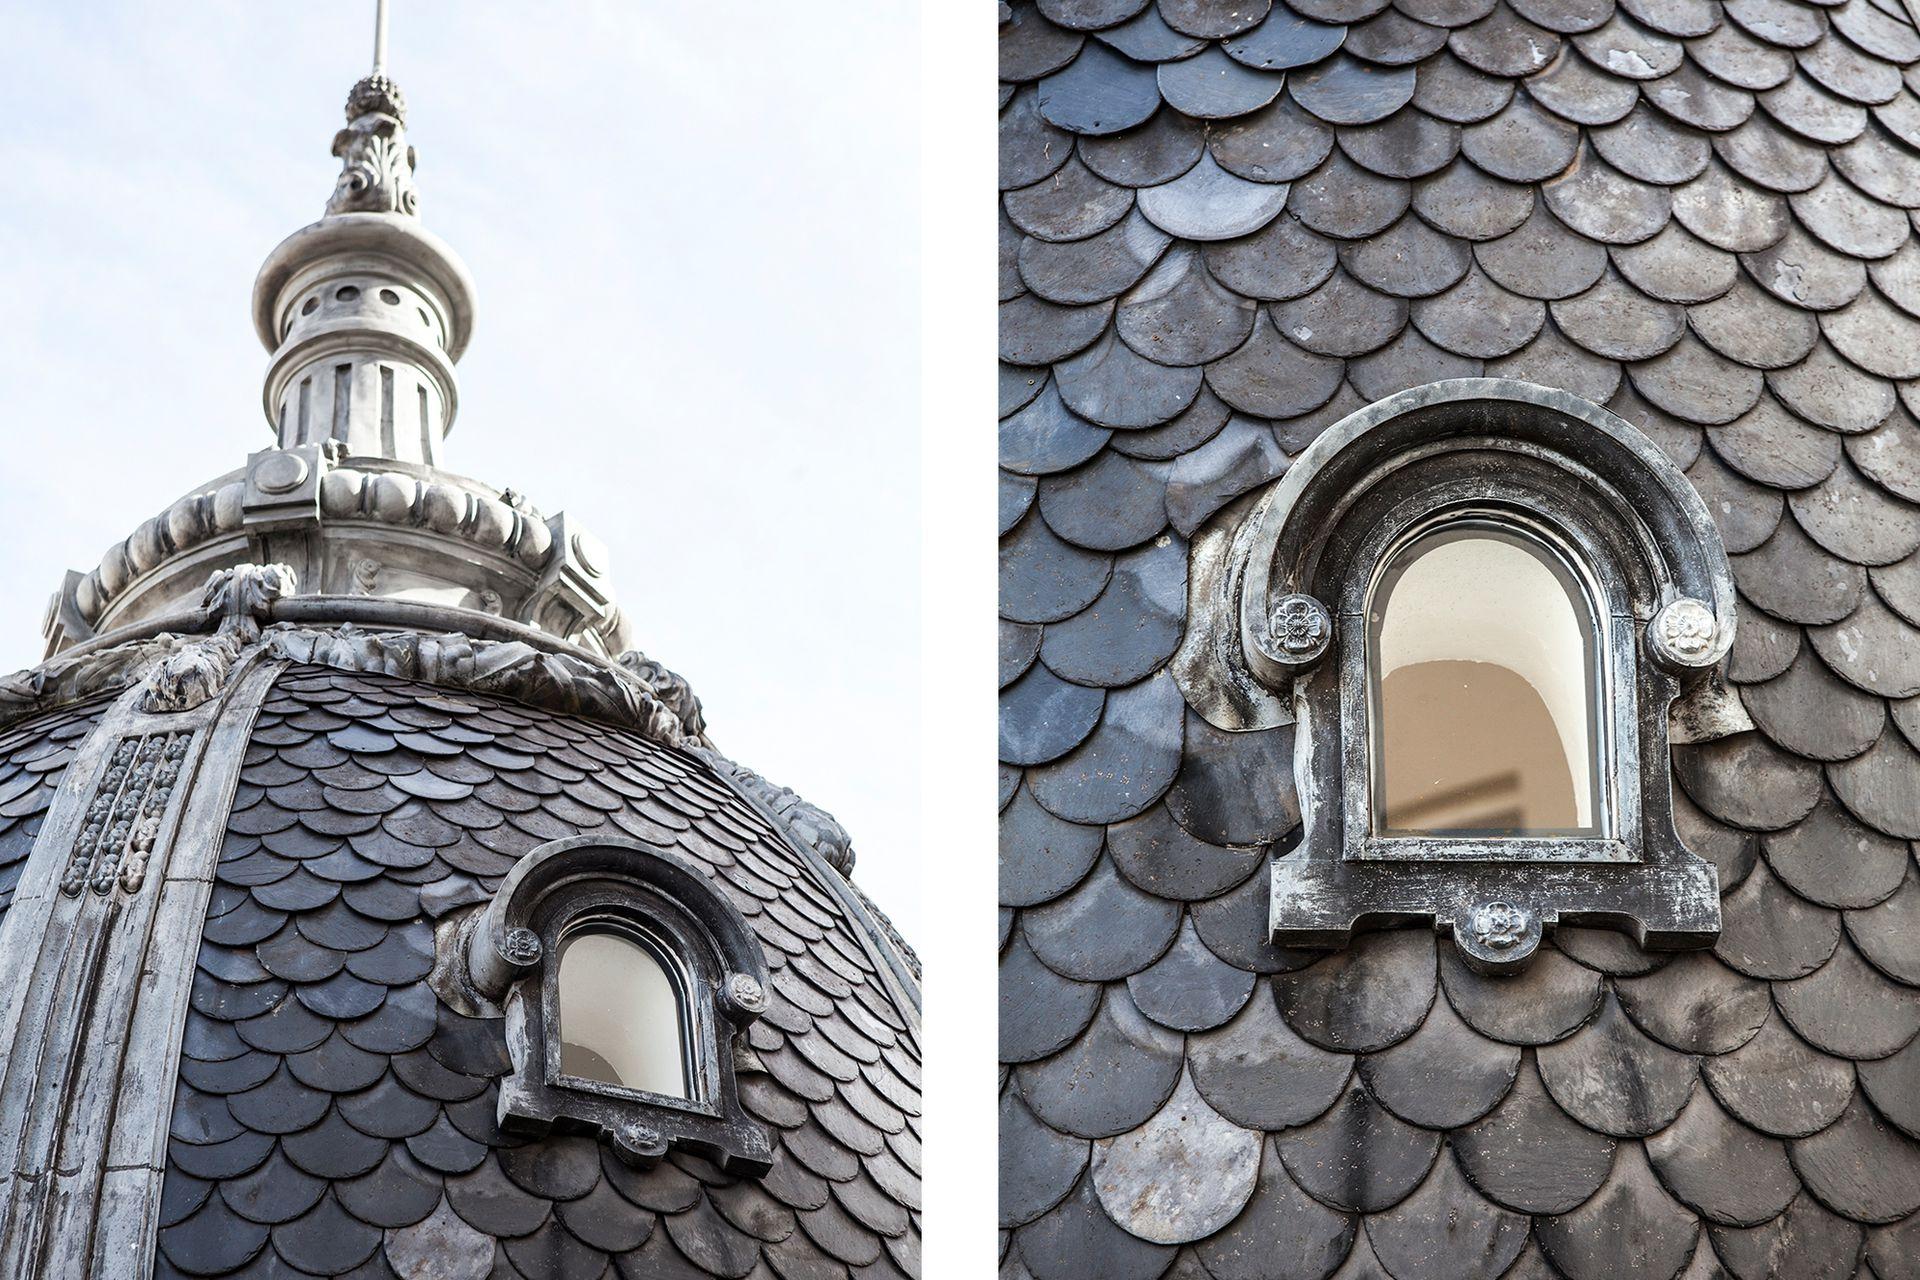 El estudio The Alchemist restauró por completo la terraza y el domo de la cúpula de 1914 diseñada por el arquitecto italiano Arnoldo Albertolli.